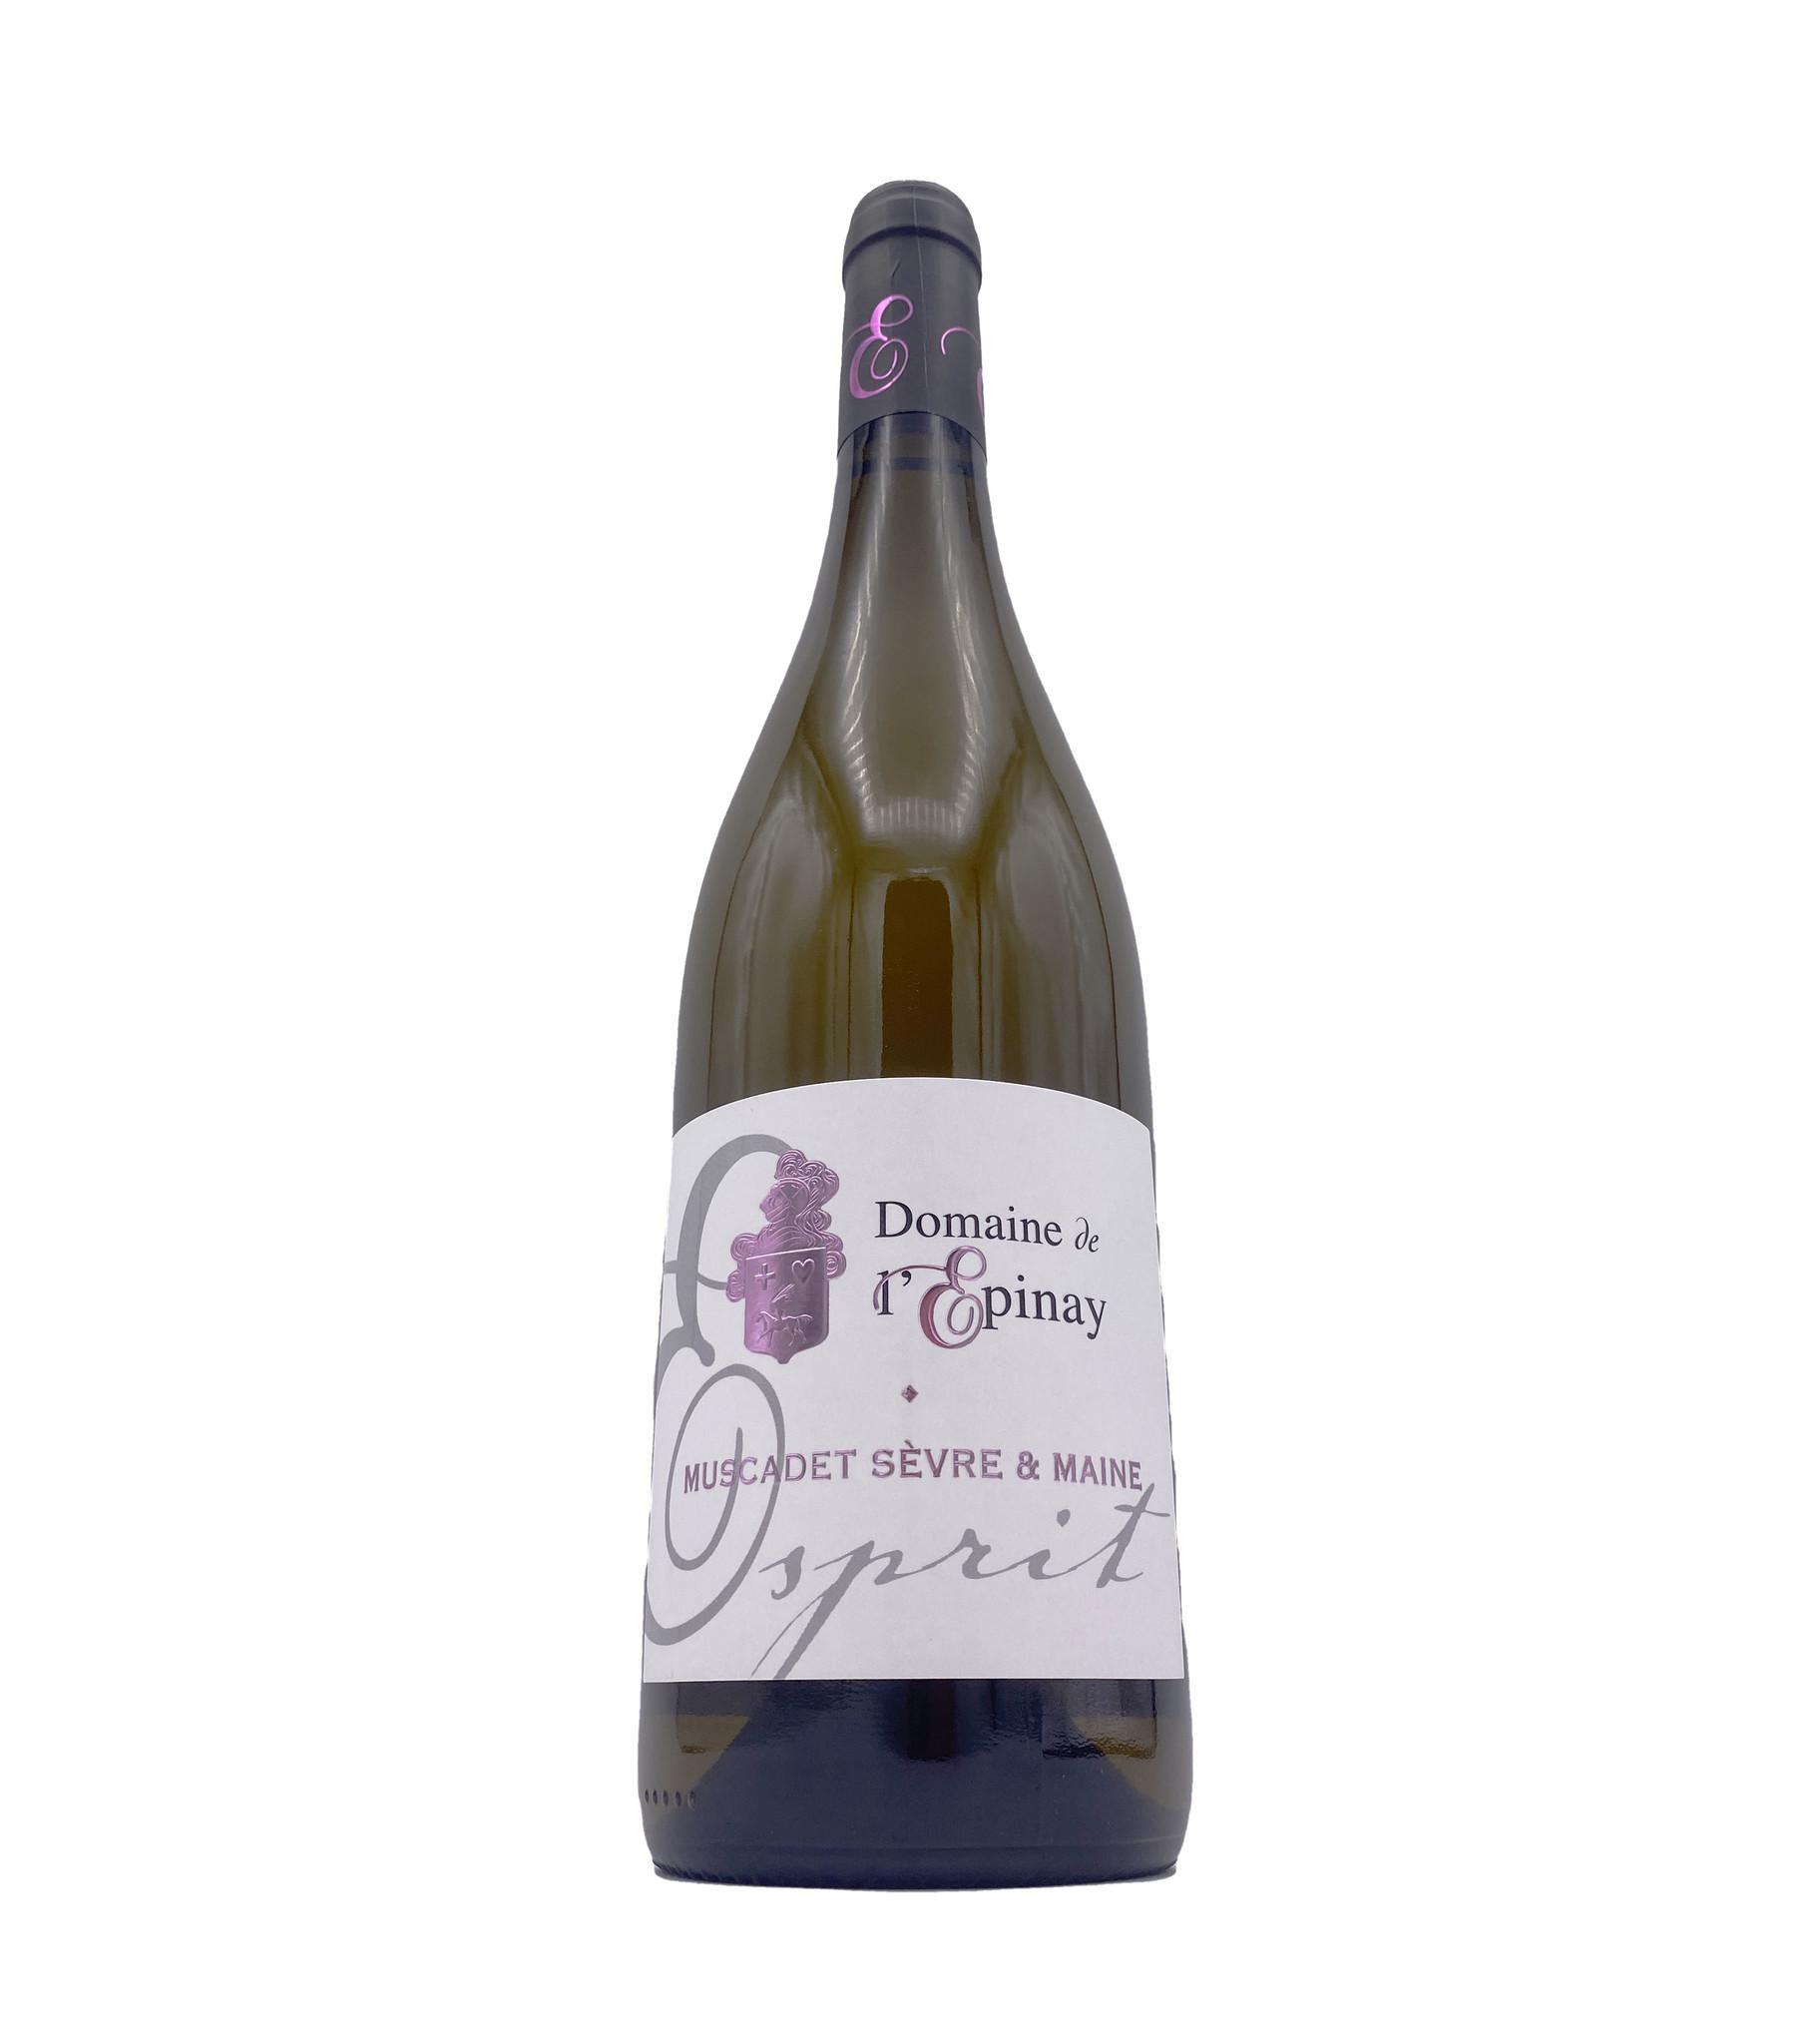 Muscadet Sèvre-et-Maine Esprit 2019 Clos de L'Epinay